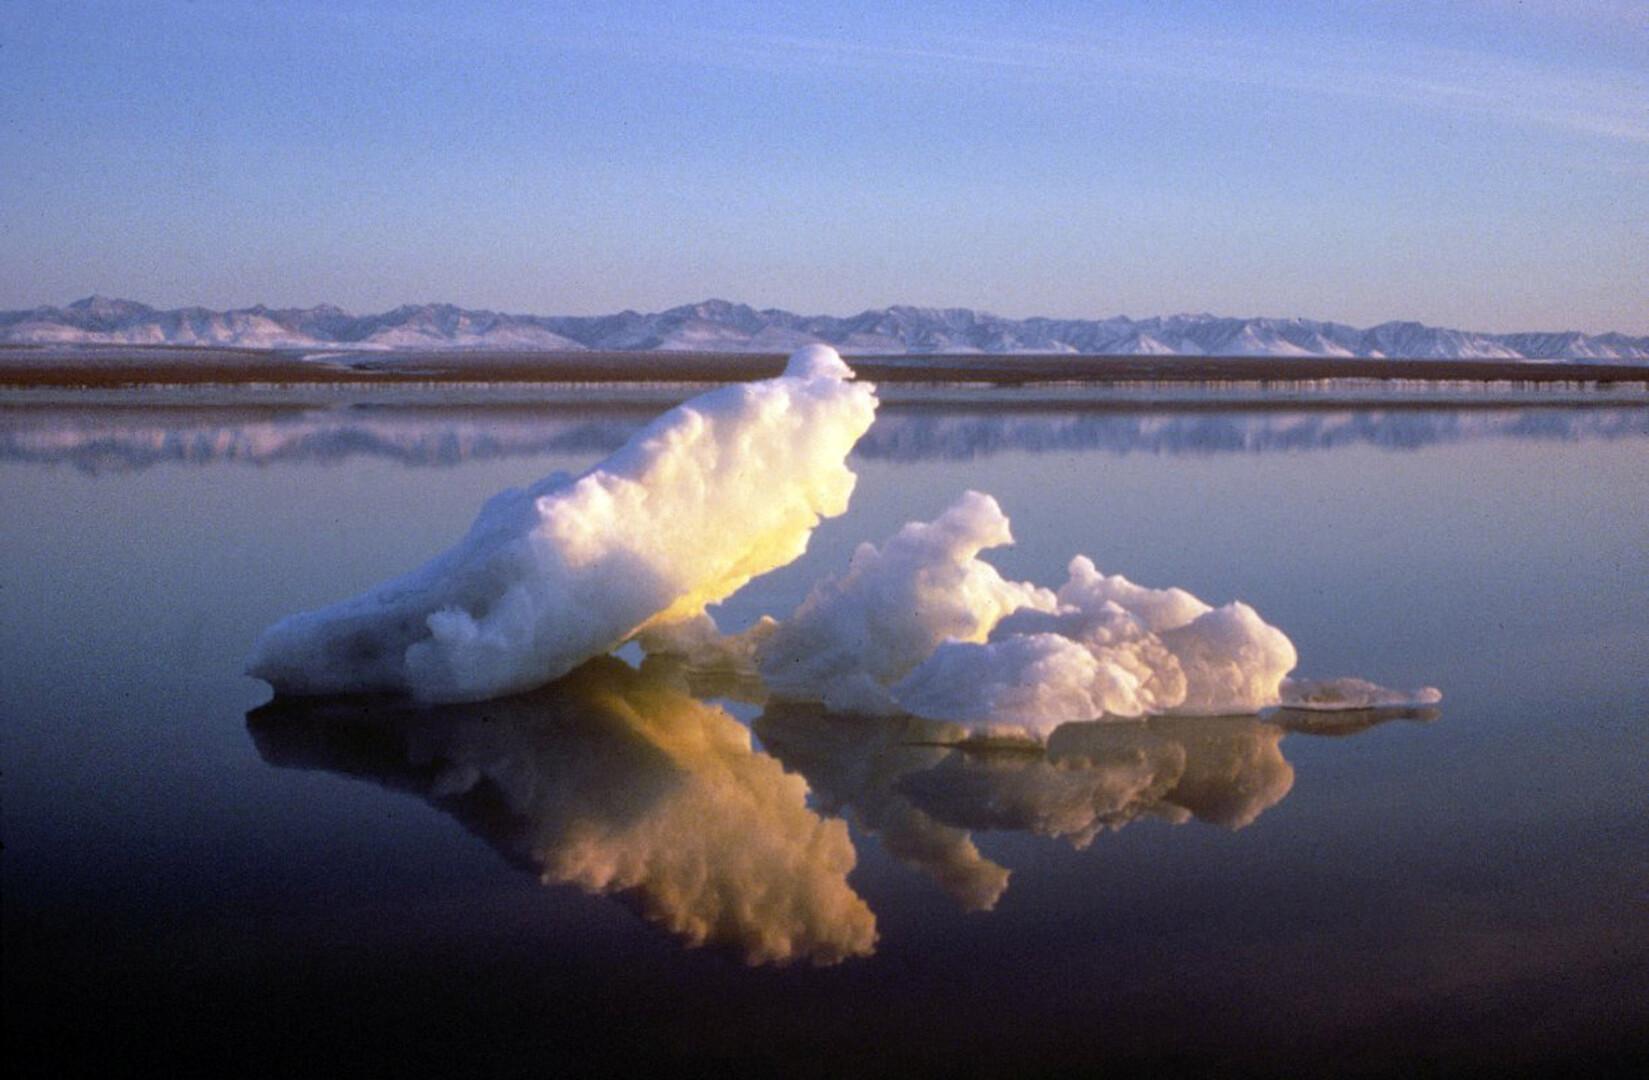 المنظمة العالمية للأرصاد الجوية: السنوات الـ 5 الأخيرة هي الأكثر حرارة في التاريخ